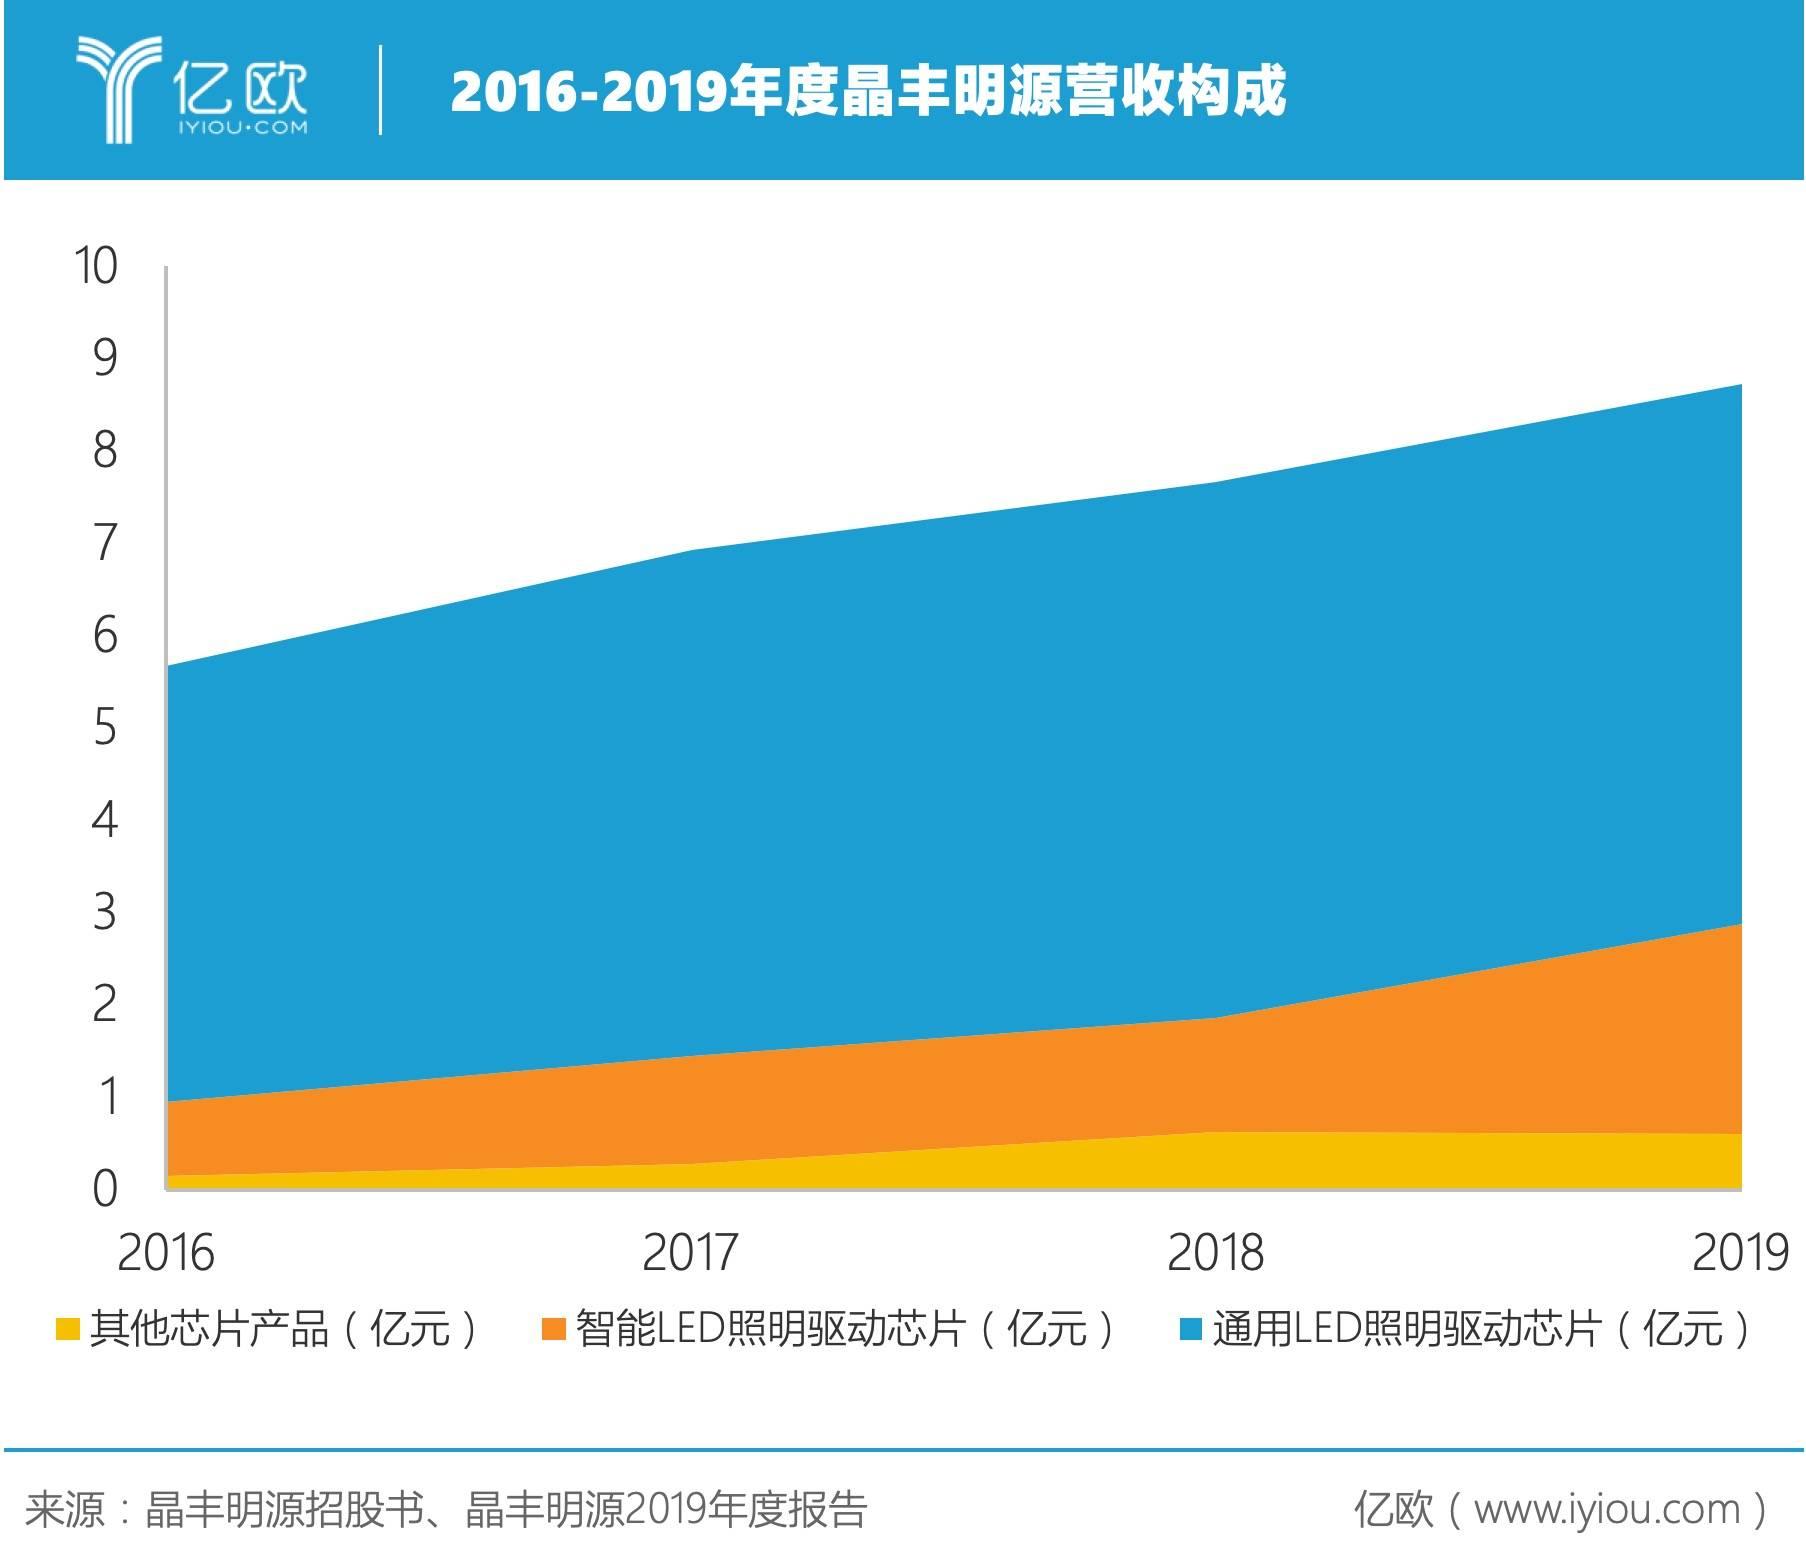 2016-2019年度晶丰明源营收组成.jpeg